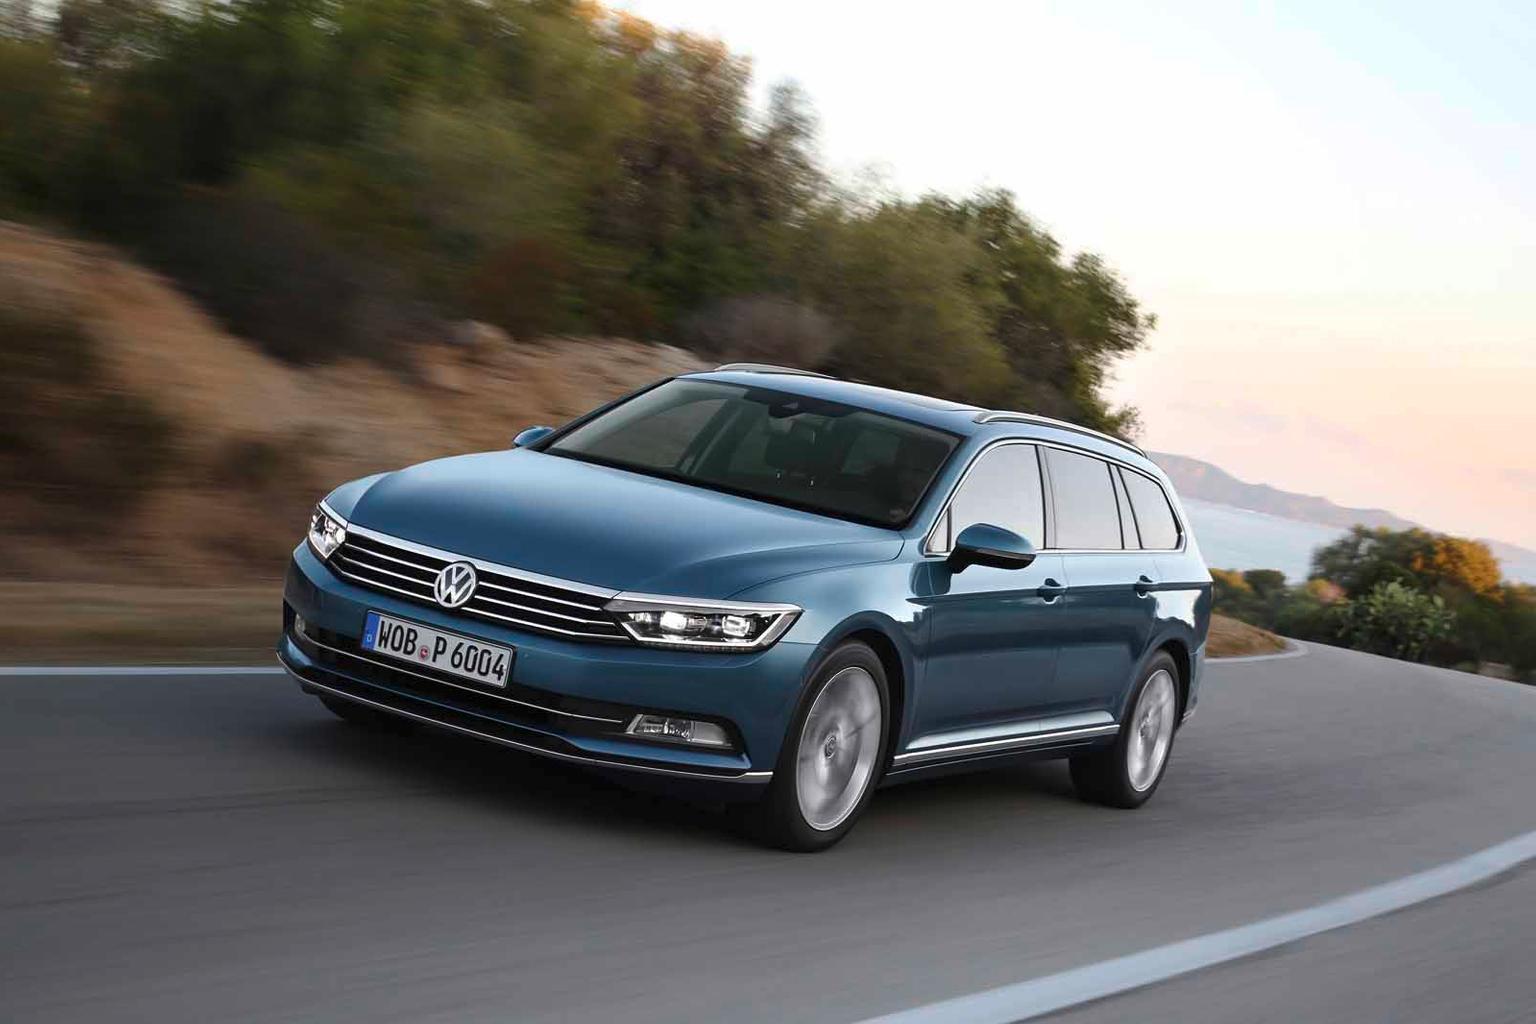 2015 Volkswagen Passat Estate review